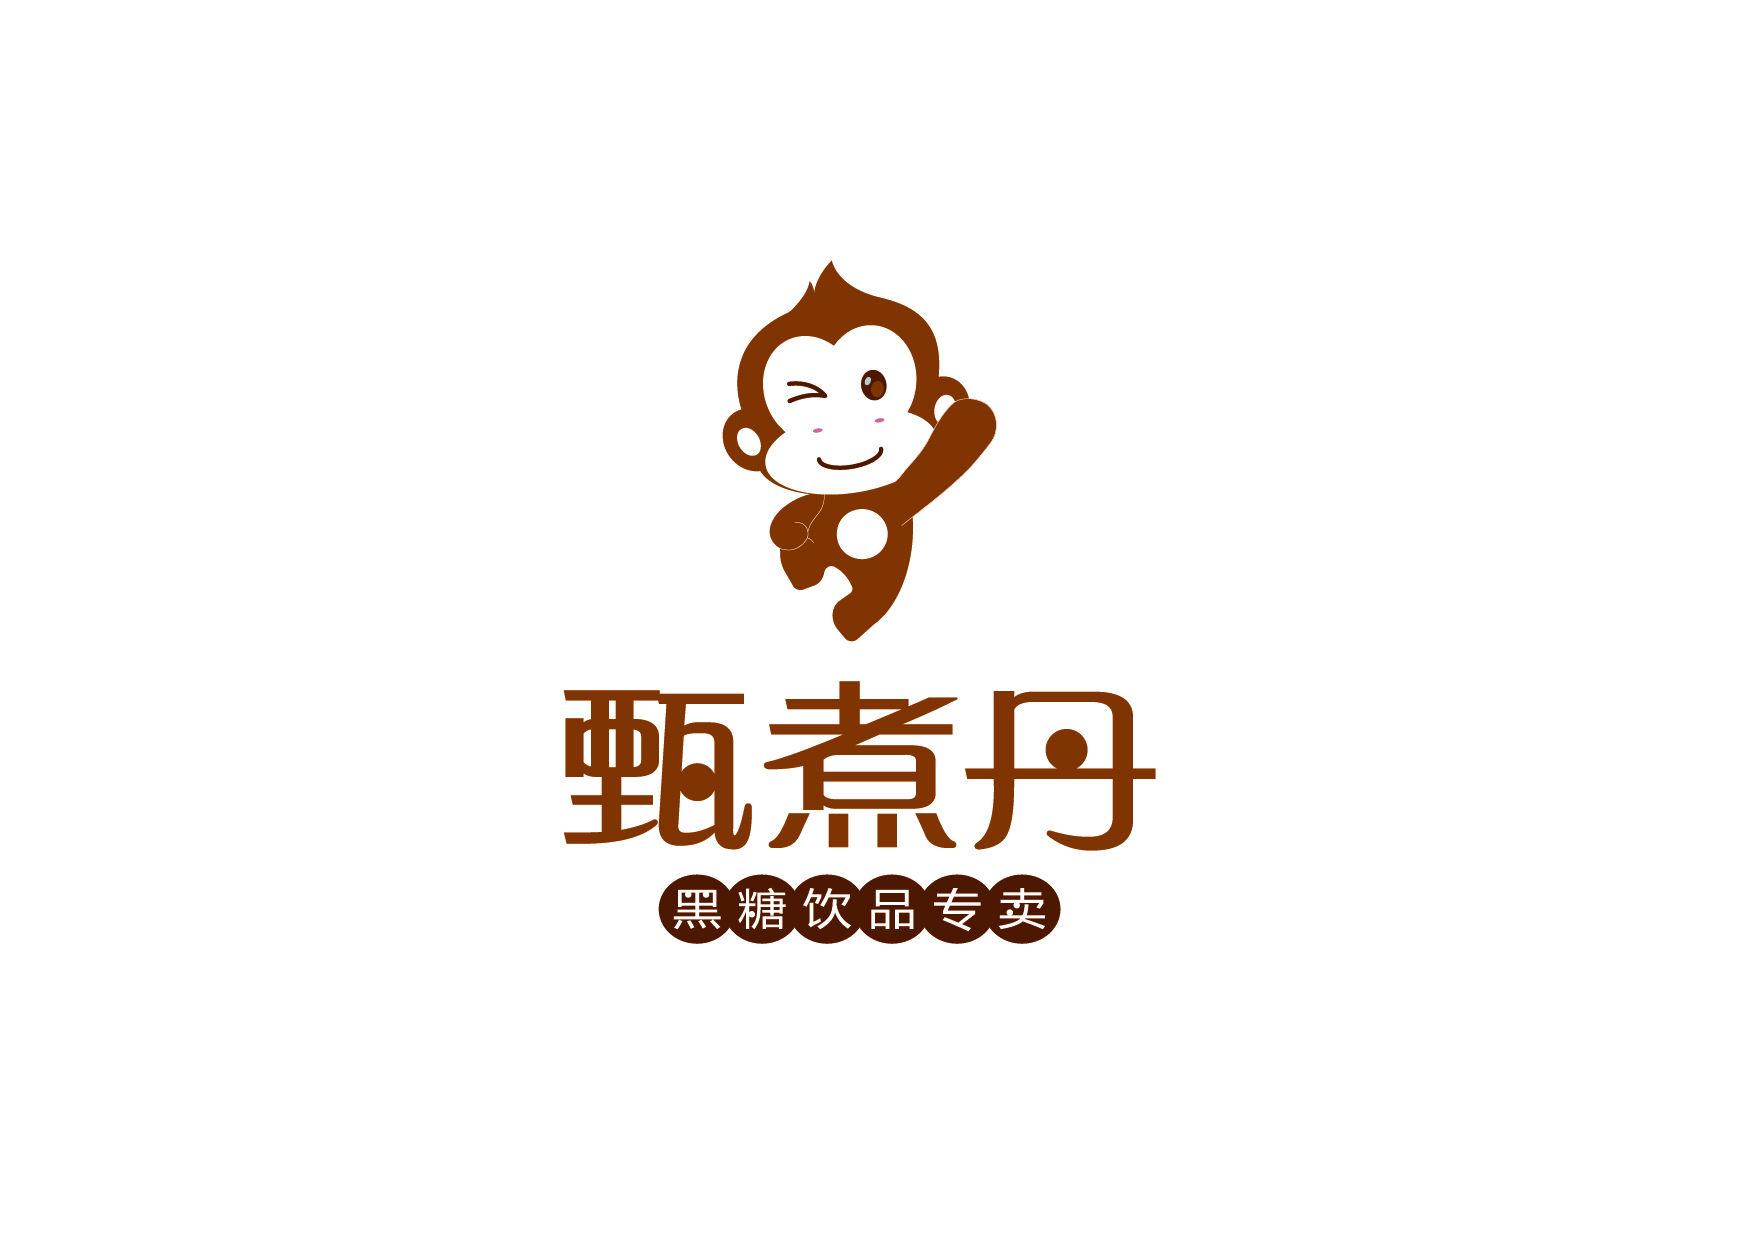 甄煮丹奶茶品牌IP设计 飞特网 吉祥物设计